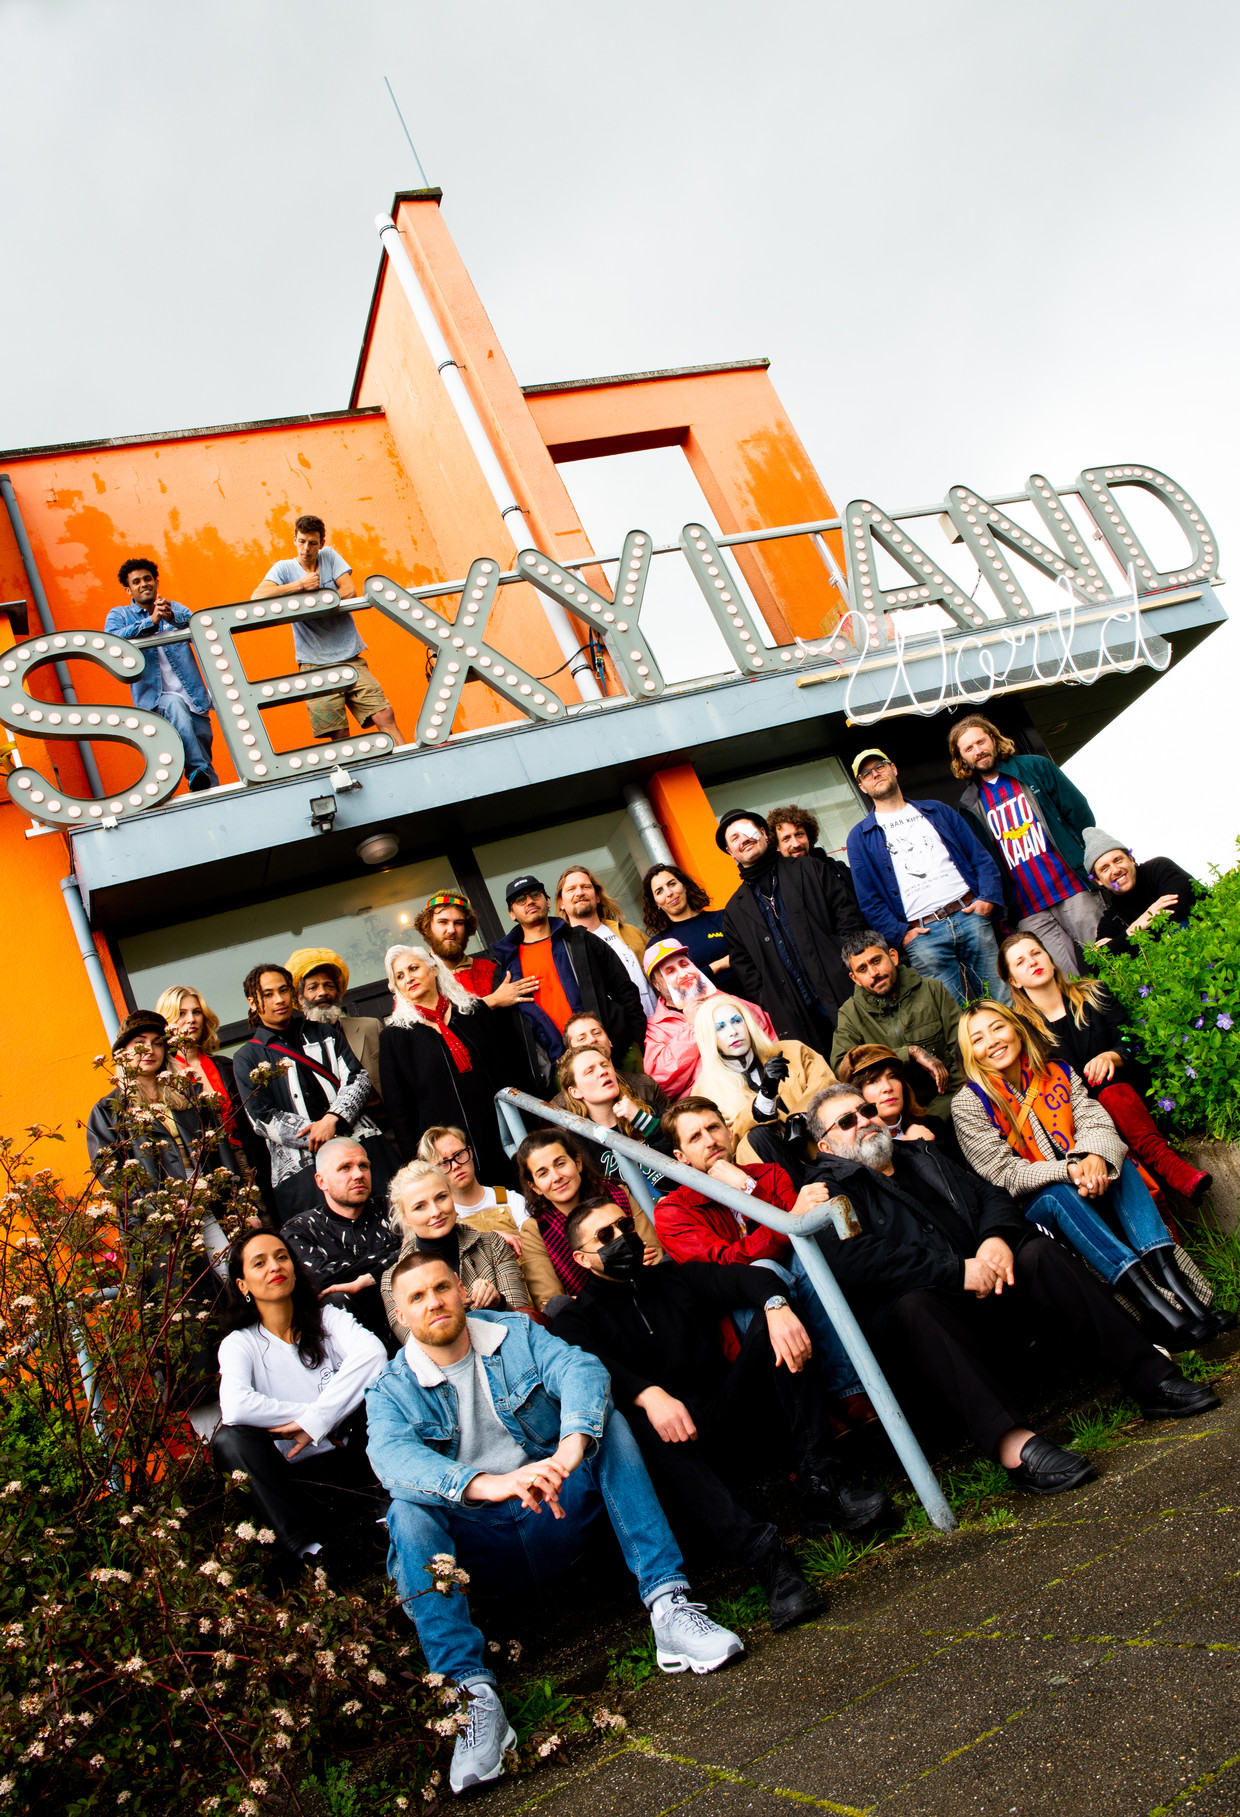 De ploeg van Sexyworld. Beeld Marjolein van Damme